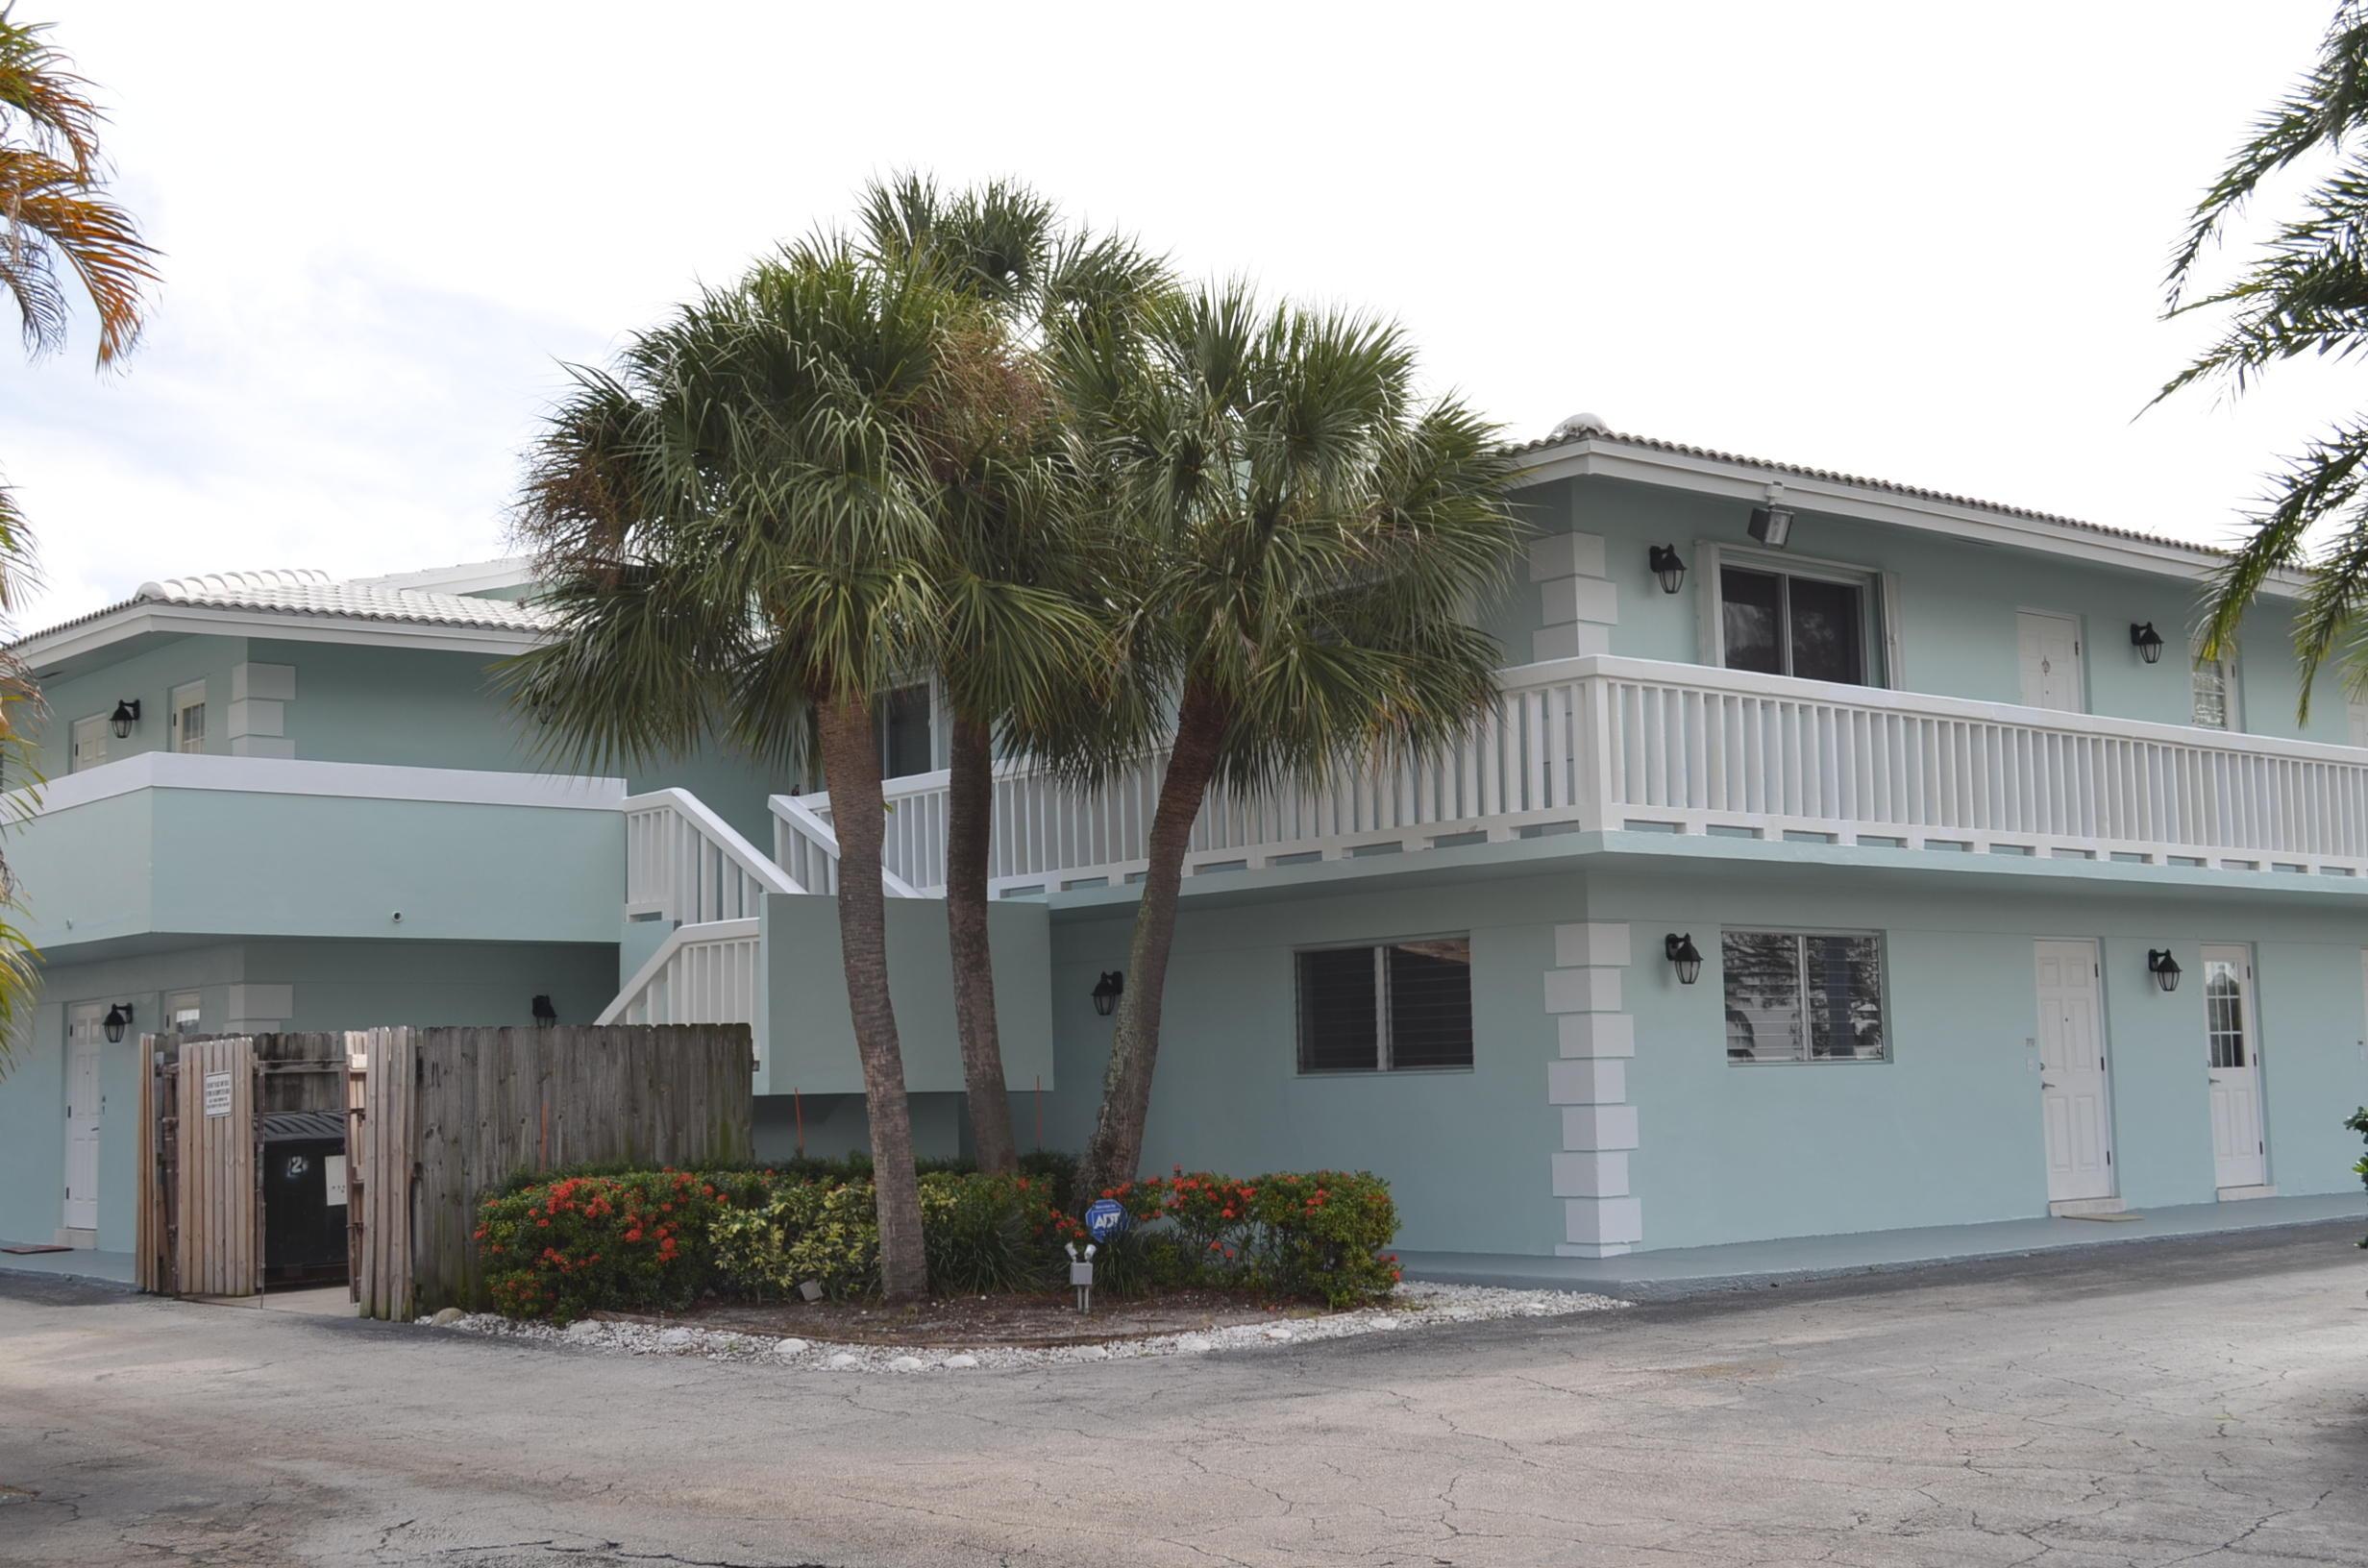 Photo of  Deerfield Beach, FL 33441 MLS RX-10636785